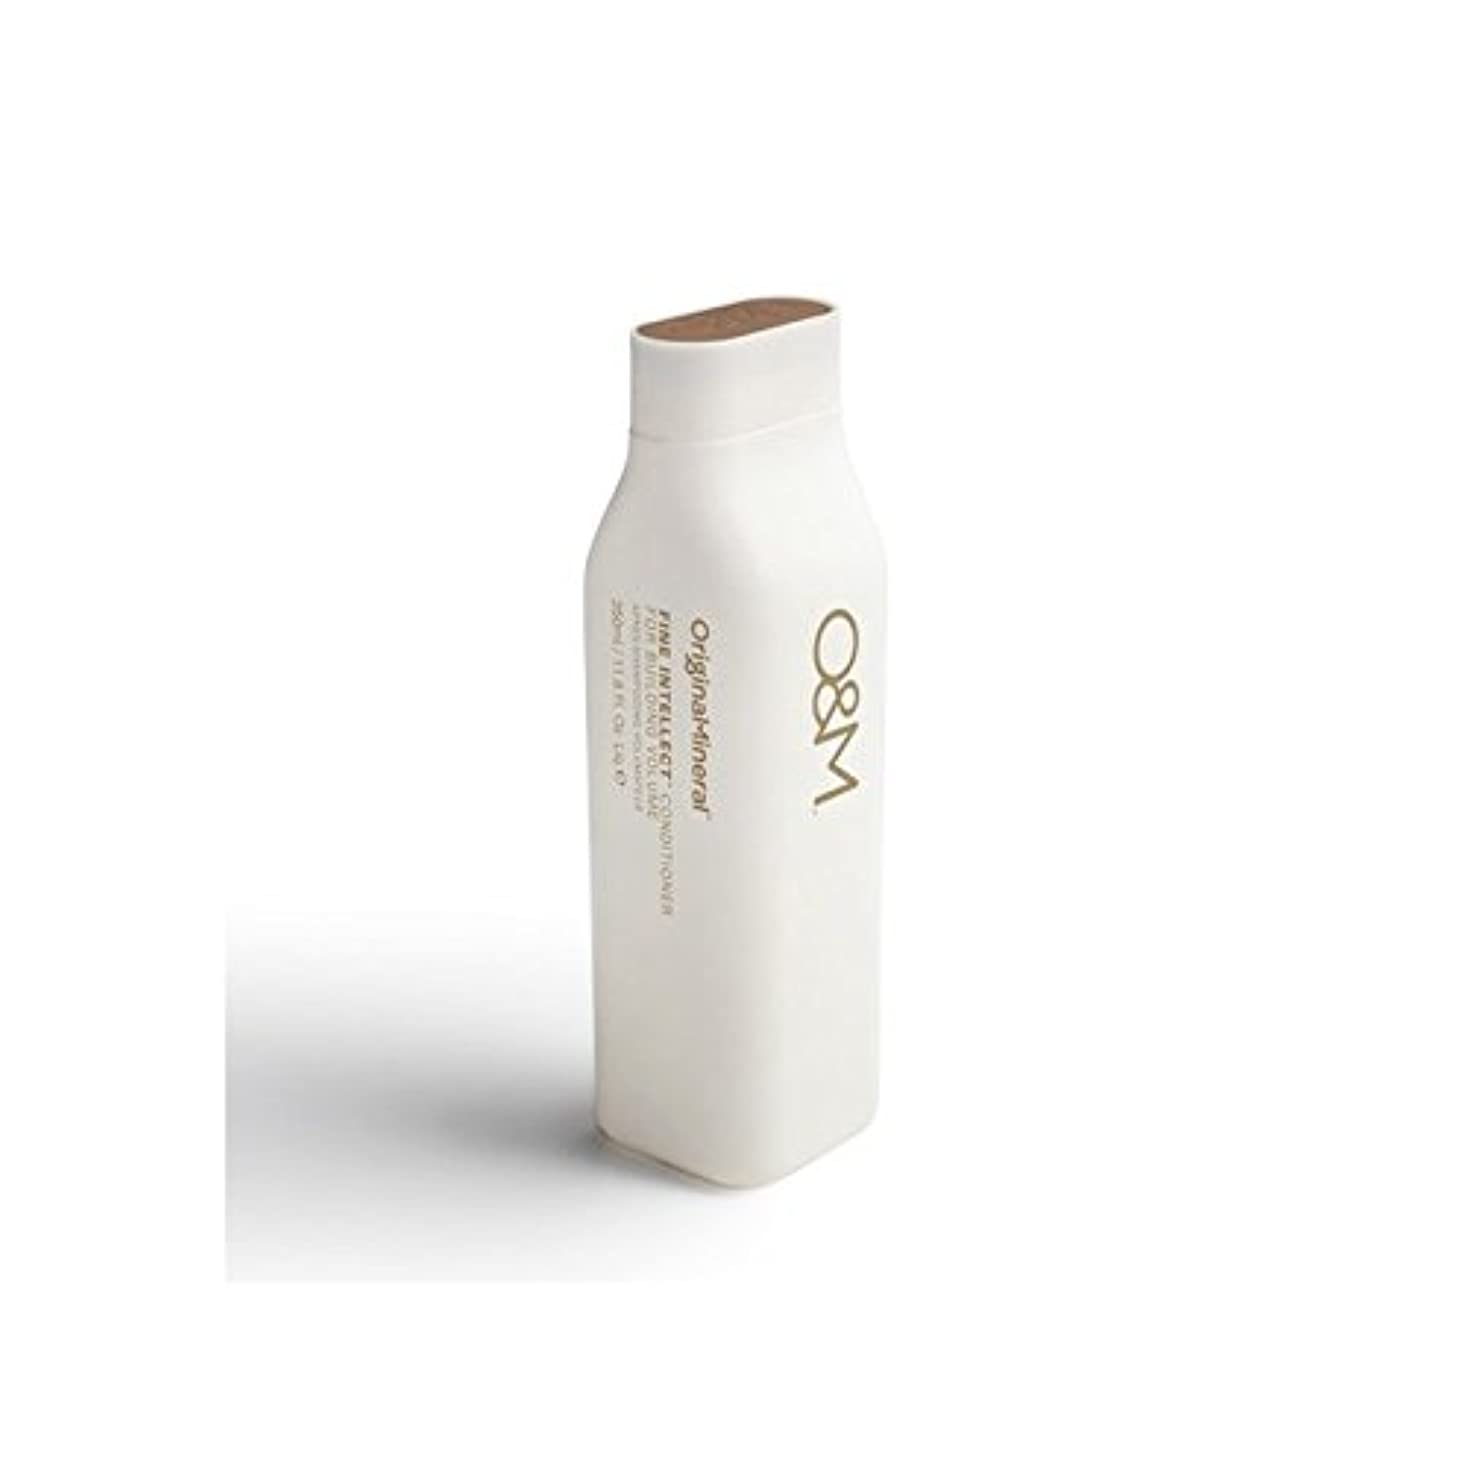 実質的通路征服者Original & Mineral Fine Intellect Conditioner (350ml) (Pack of 6) - オリジナル&ミネラル細かい知性コンディショナー(350ミリリットル) x6 [並行輸入品]